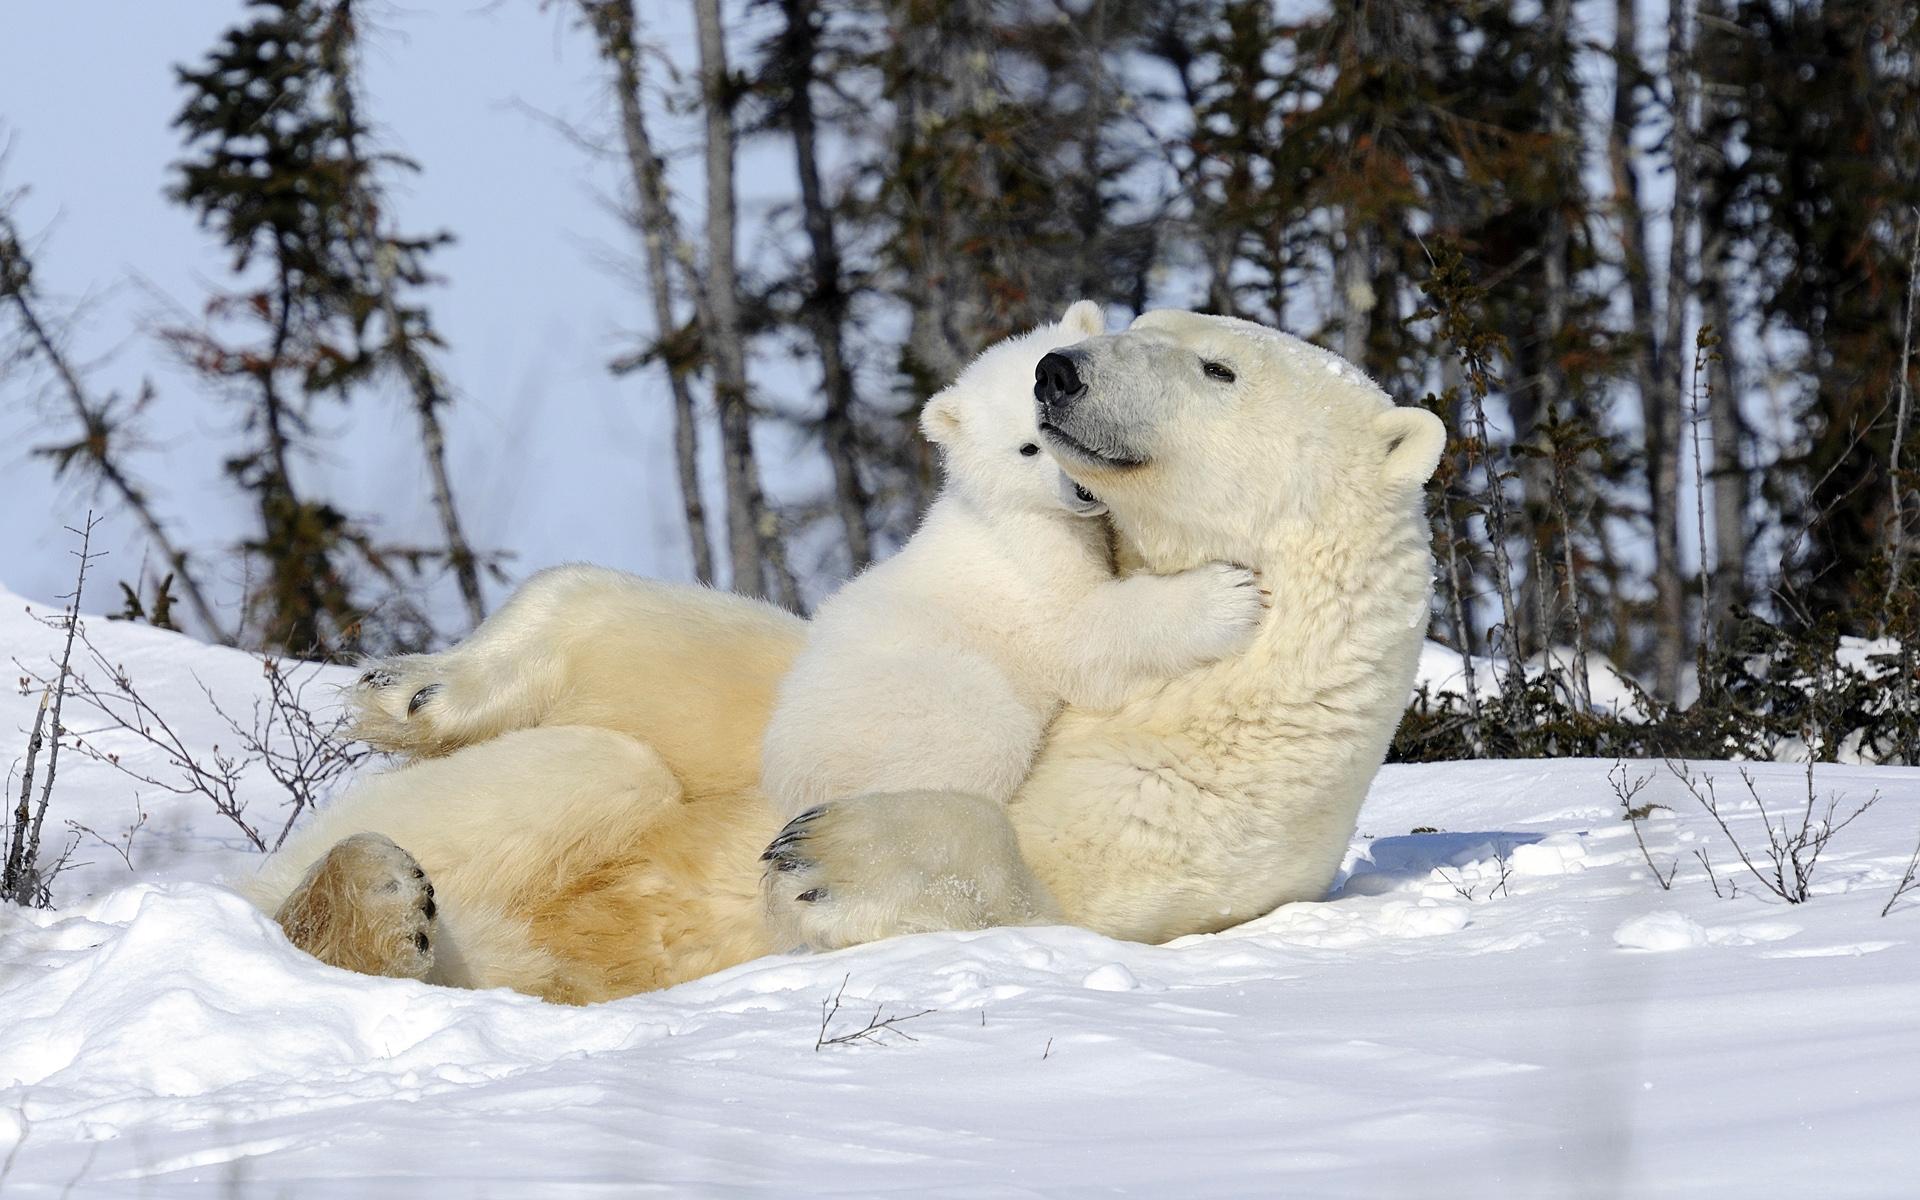 之家中心主题水獭新闻壁纸北极熊的拥抱,蚊子用a之家的v之家,狮子的b型血怎么那么招软件图片